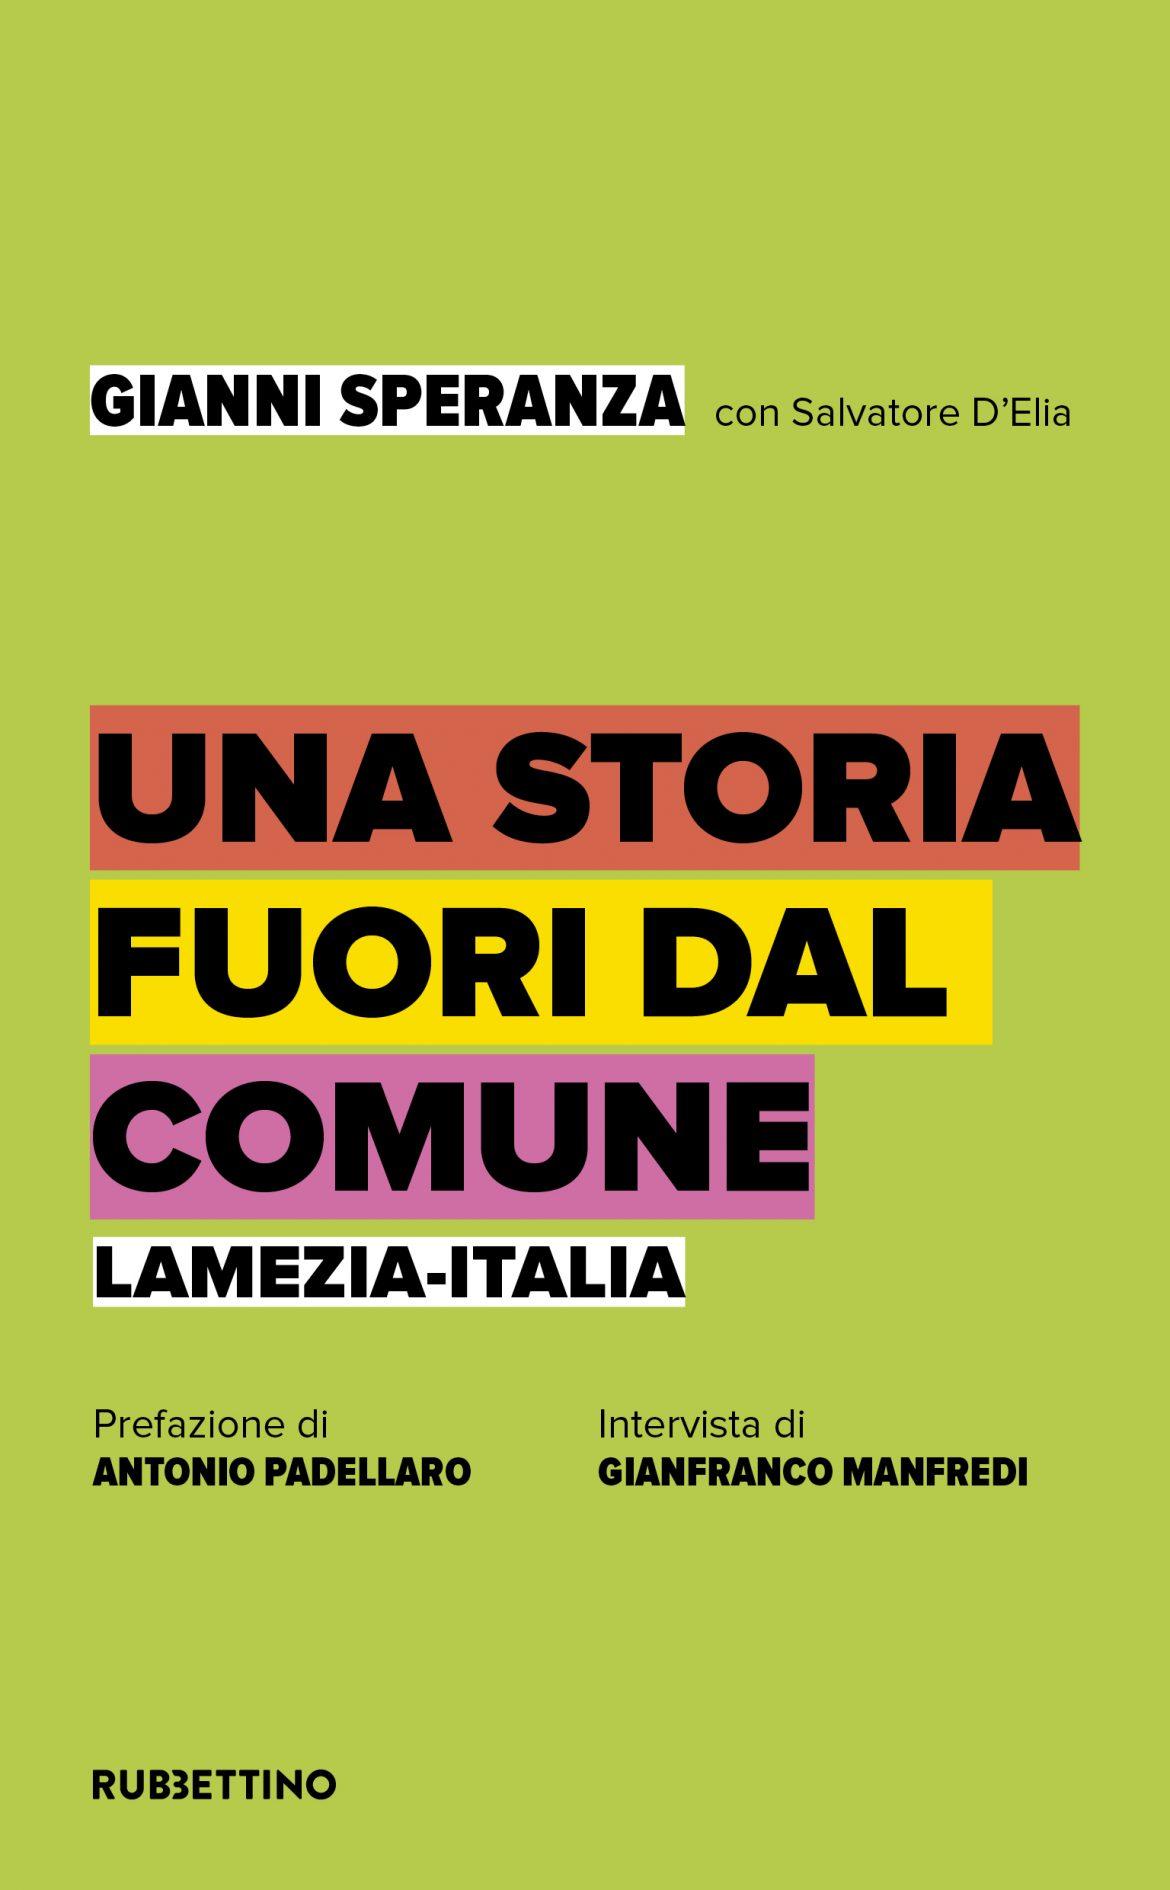 """Recensioni: """"Una storia fuori dal Comune"""" di Gianni Speranza con Salvatore D'Elia"""